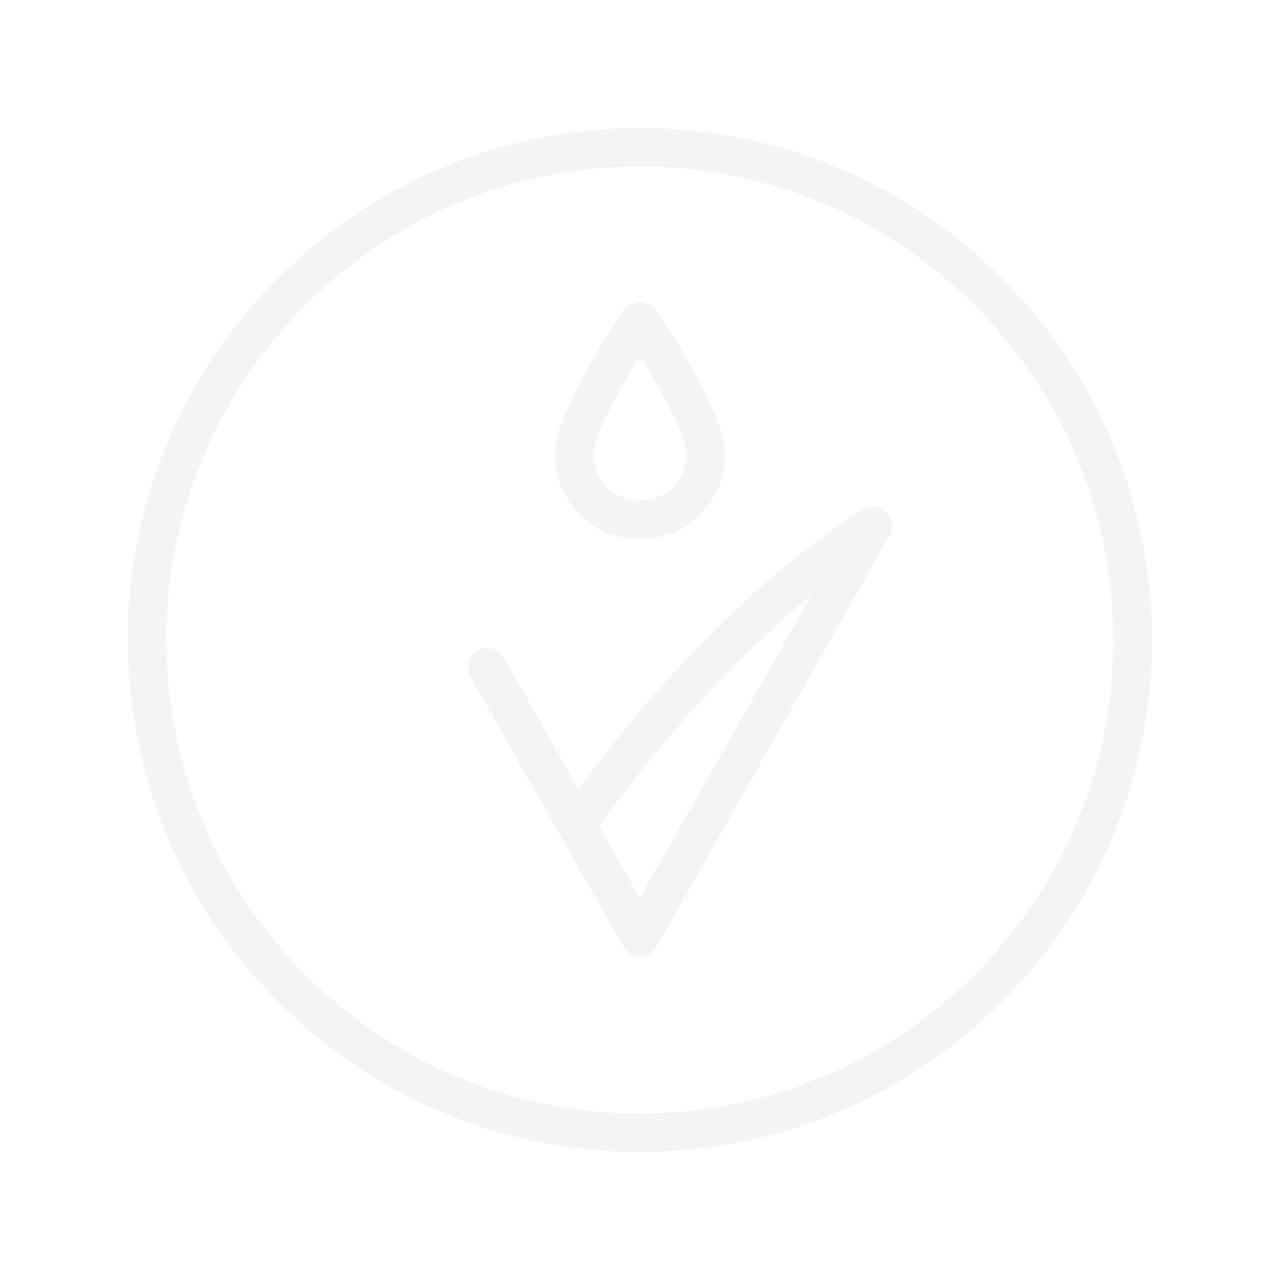 BABOR Enzyme Cleanser очищающее средство 75g